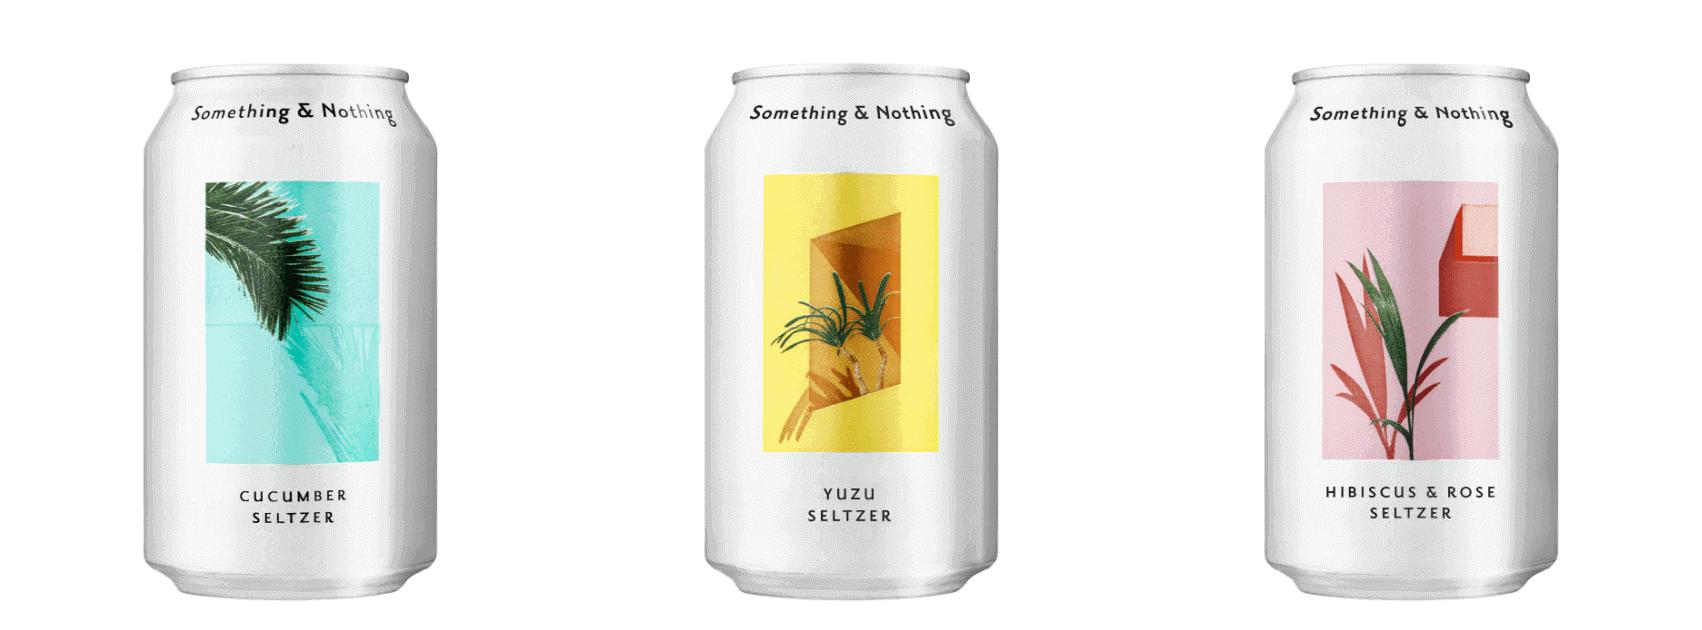 Something-&-Nothing-Seltzers